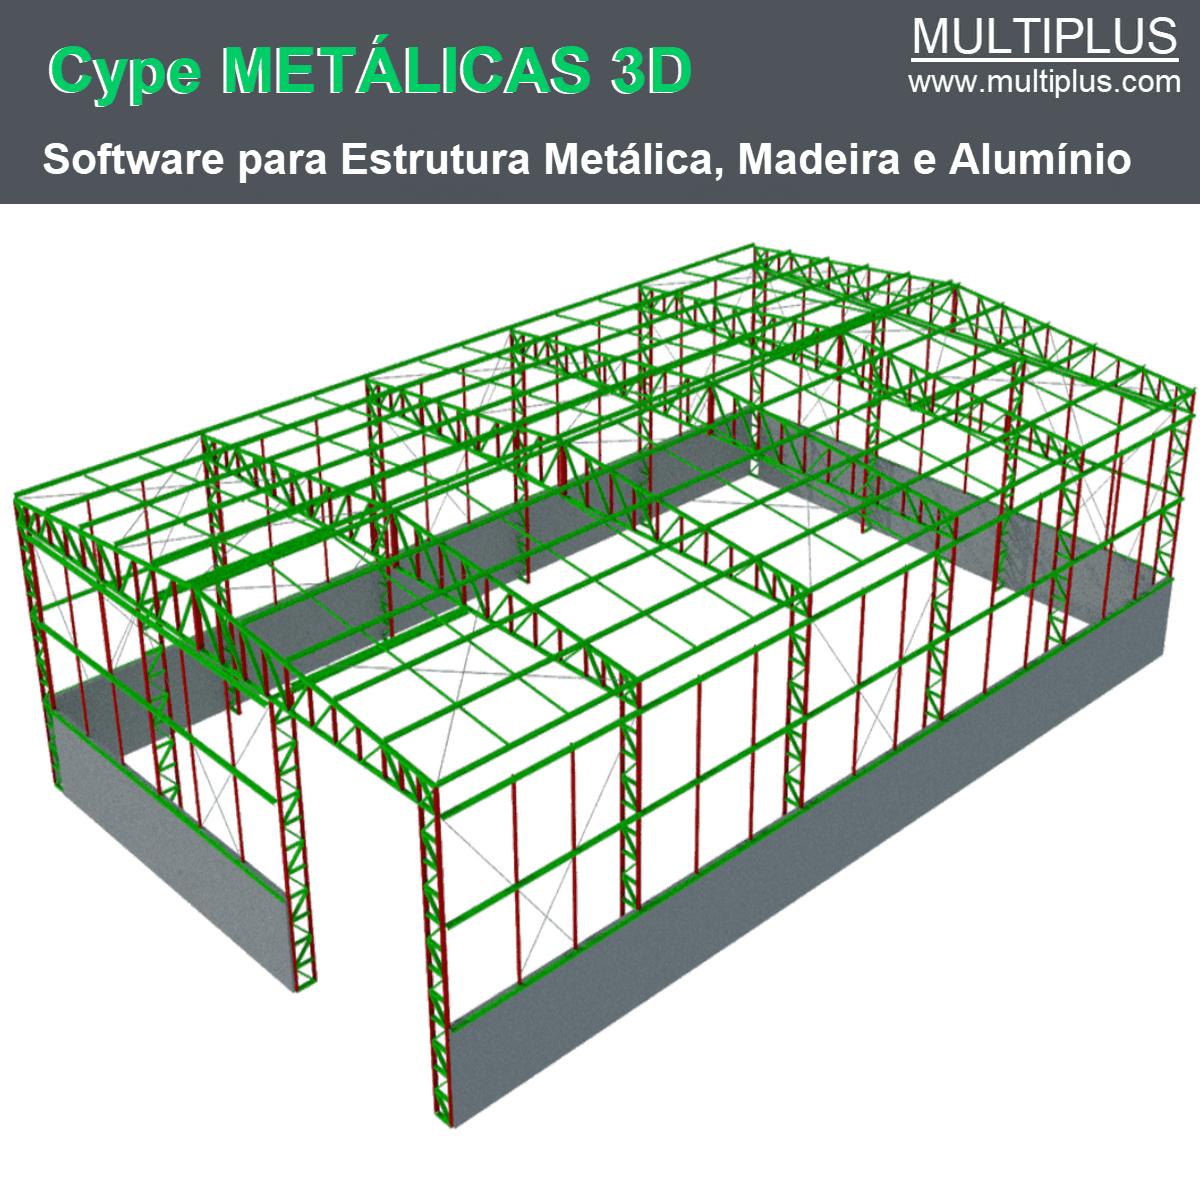 Software Metálicas 3D MT44 versão 2021 (Licença Eletrônica) incluindo Núcleo Básico, Pilares de Concreto e Vigas de Concreto  - MULTIPLUS SOFTWARES